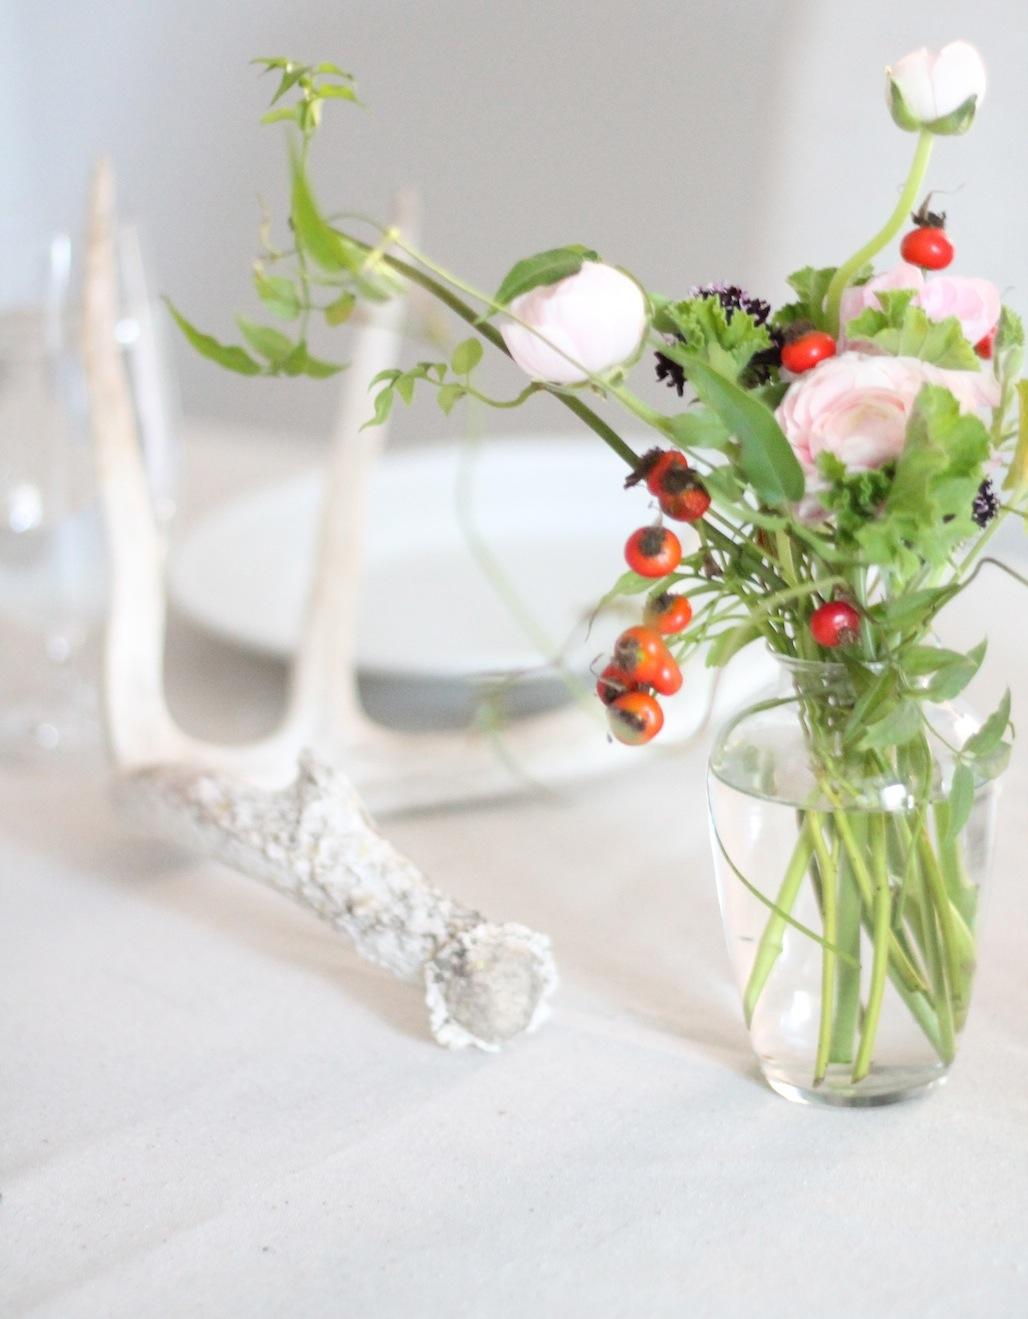 Ваза с осенними цветочками на праздничном столе